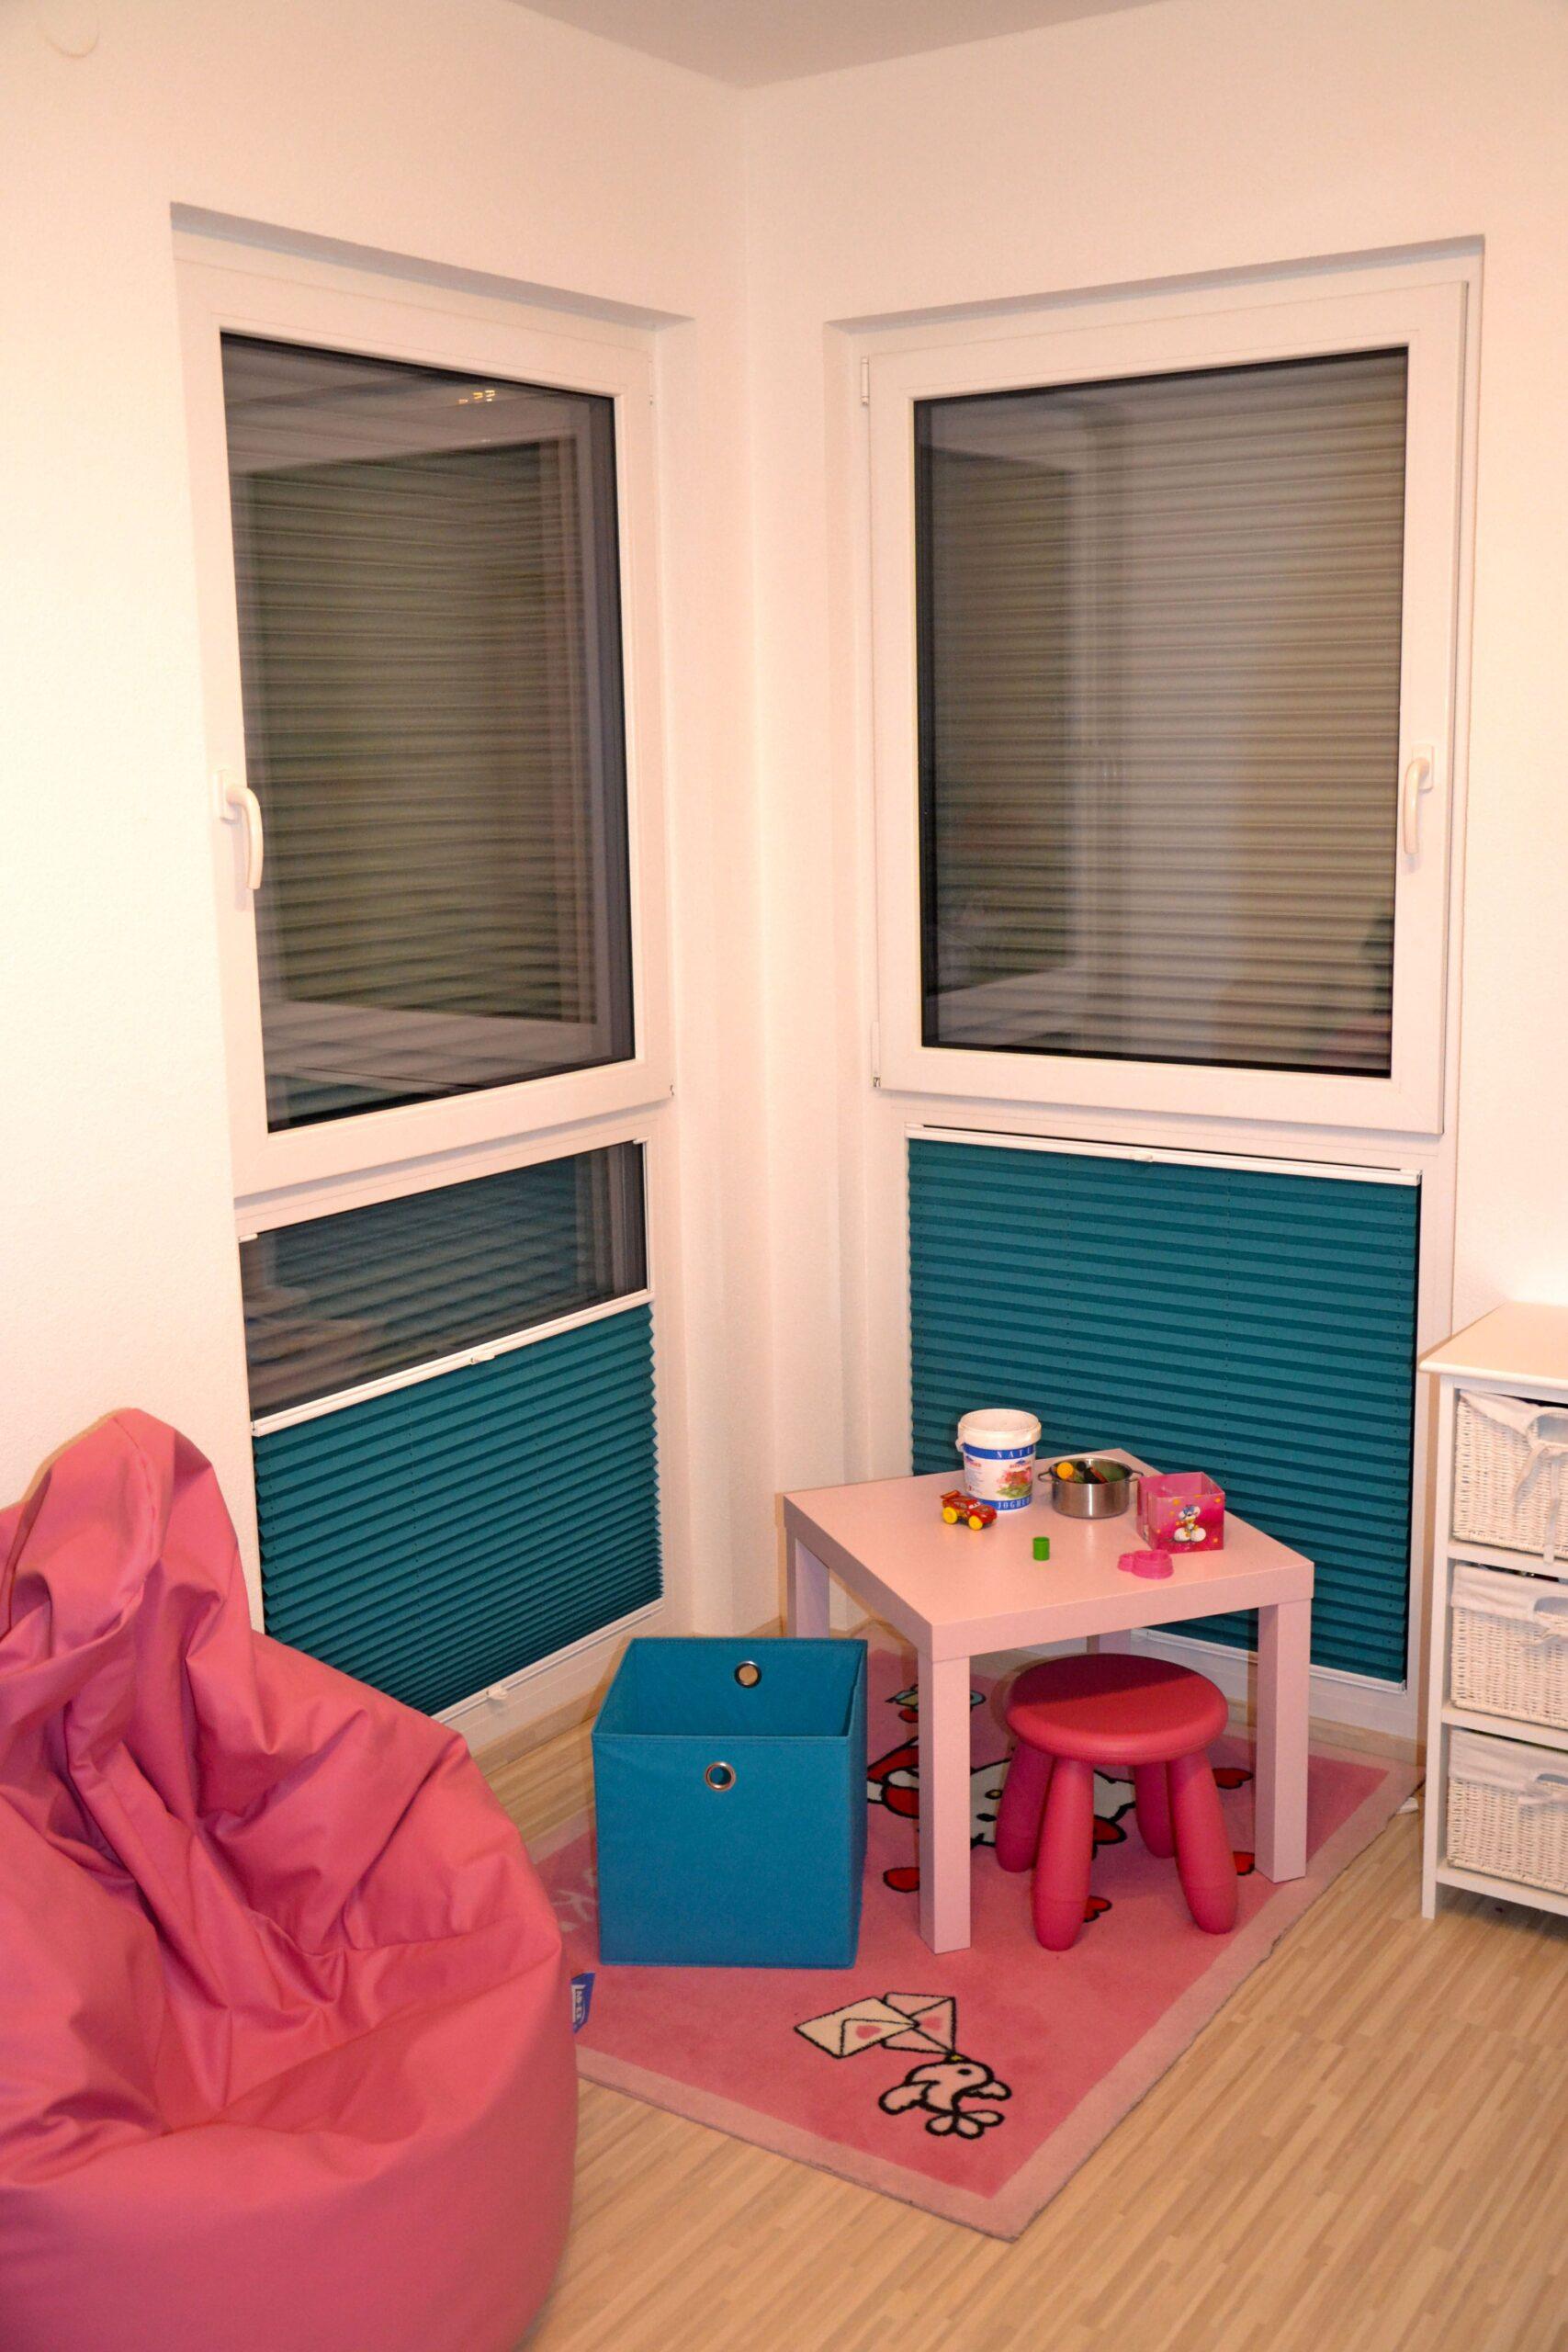 Full Size of Plissee Kinderzimmer Kind Fenster Macht Euer Zuhause Schner Regal Sofa Weiß Regale Kinderzimmer Plissee Kinderzimmer